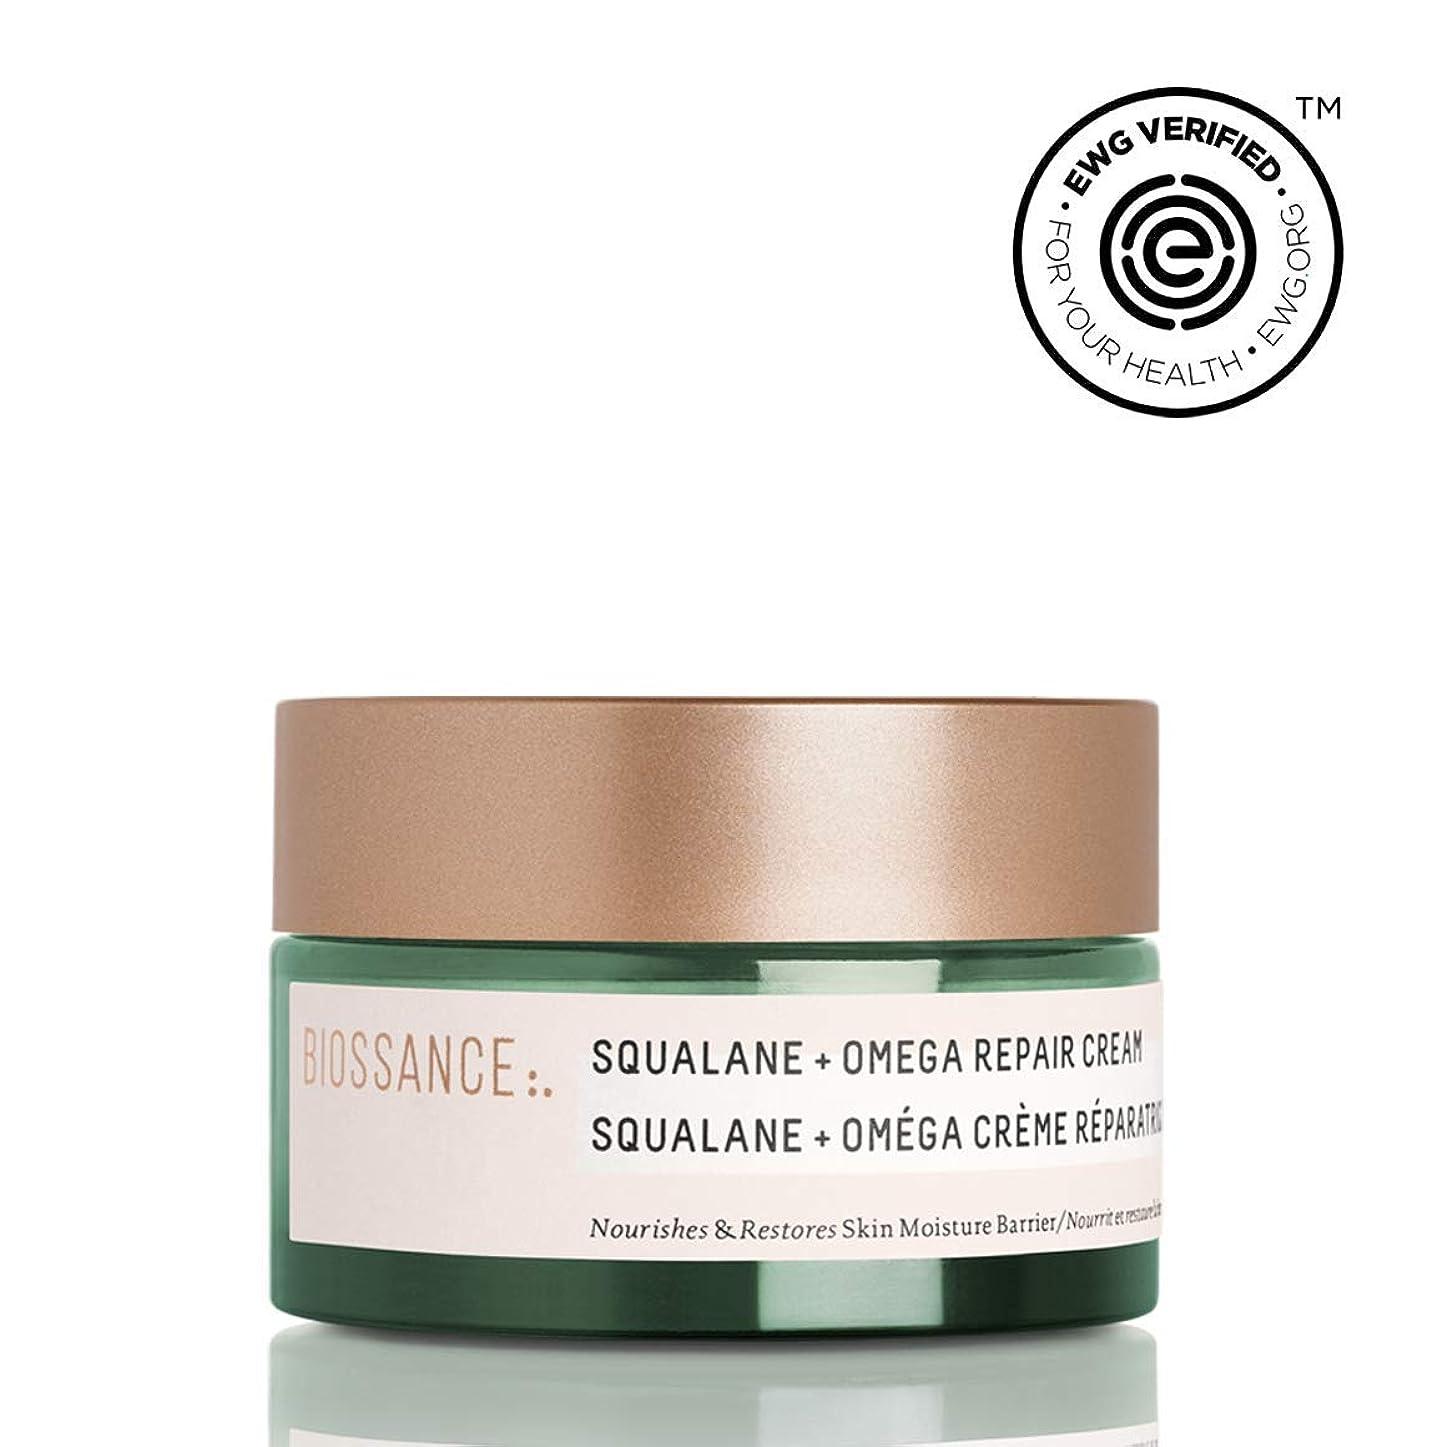 侵入りんご論争の的Biossance Squalane + Omega Repair Cream 50ml ビオッサンス ?スクワラン?オメガ?レペア?クリーム